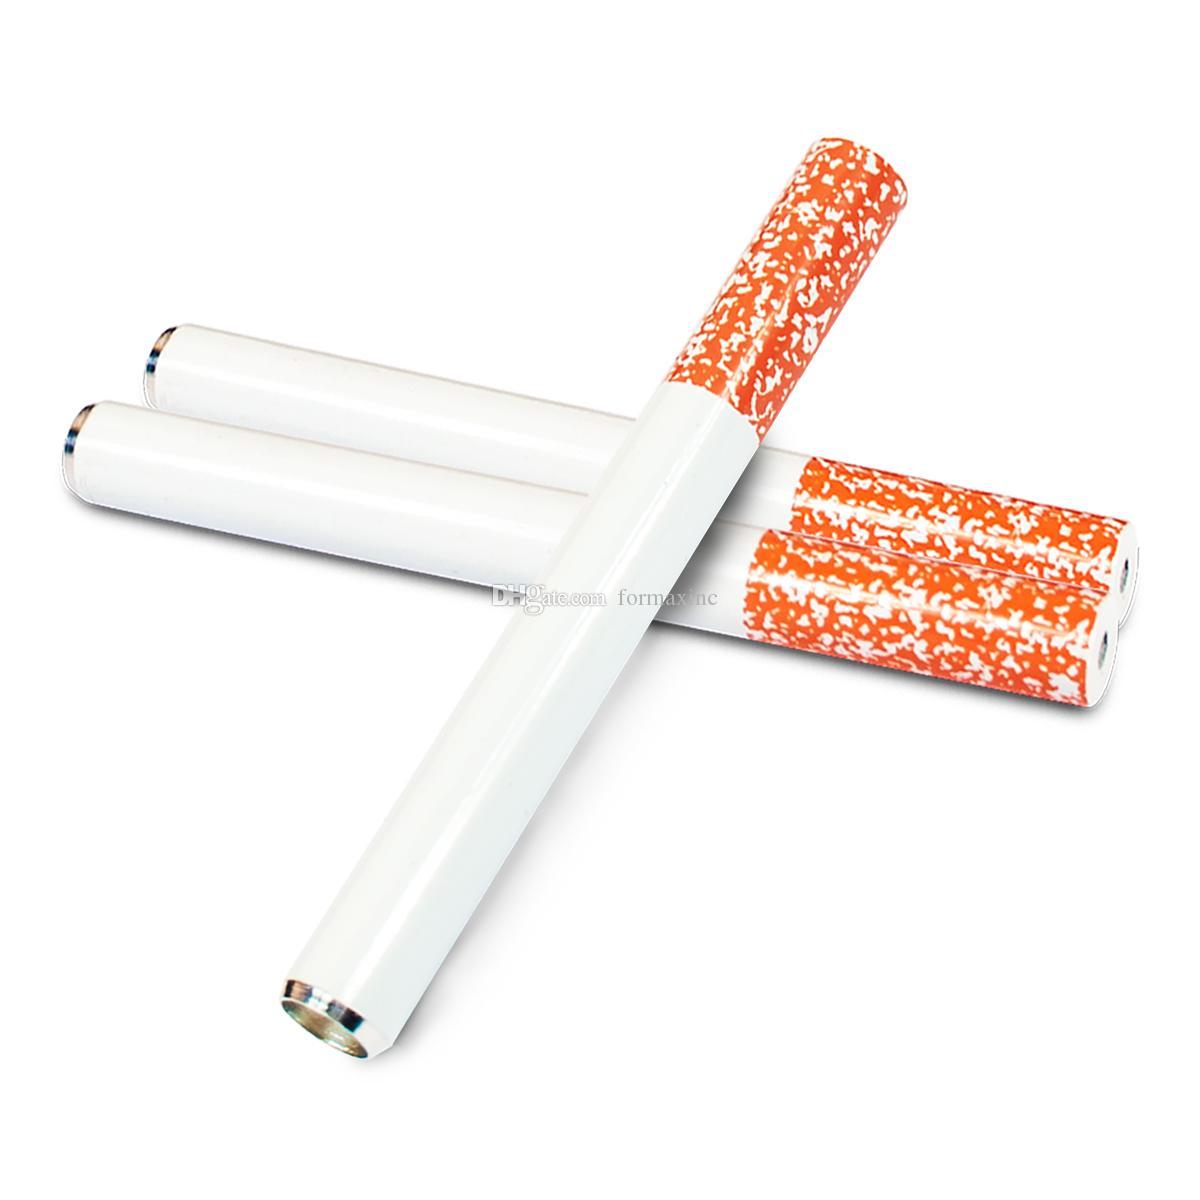 Resuable Zigarettenspitze Hitter Lot von 5 (3 Zoll) Kostenloser Versand